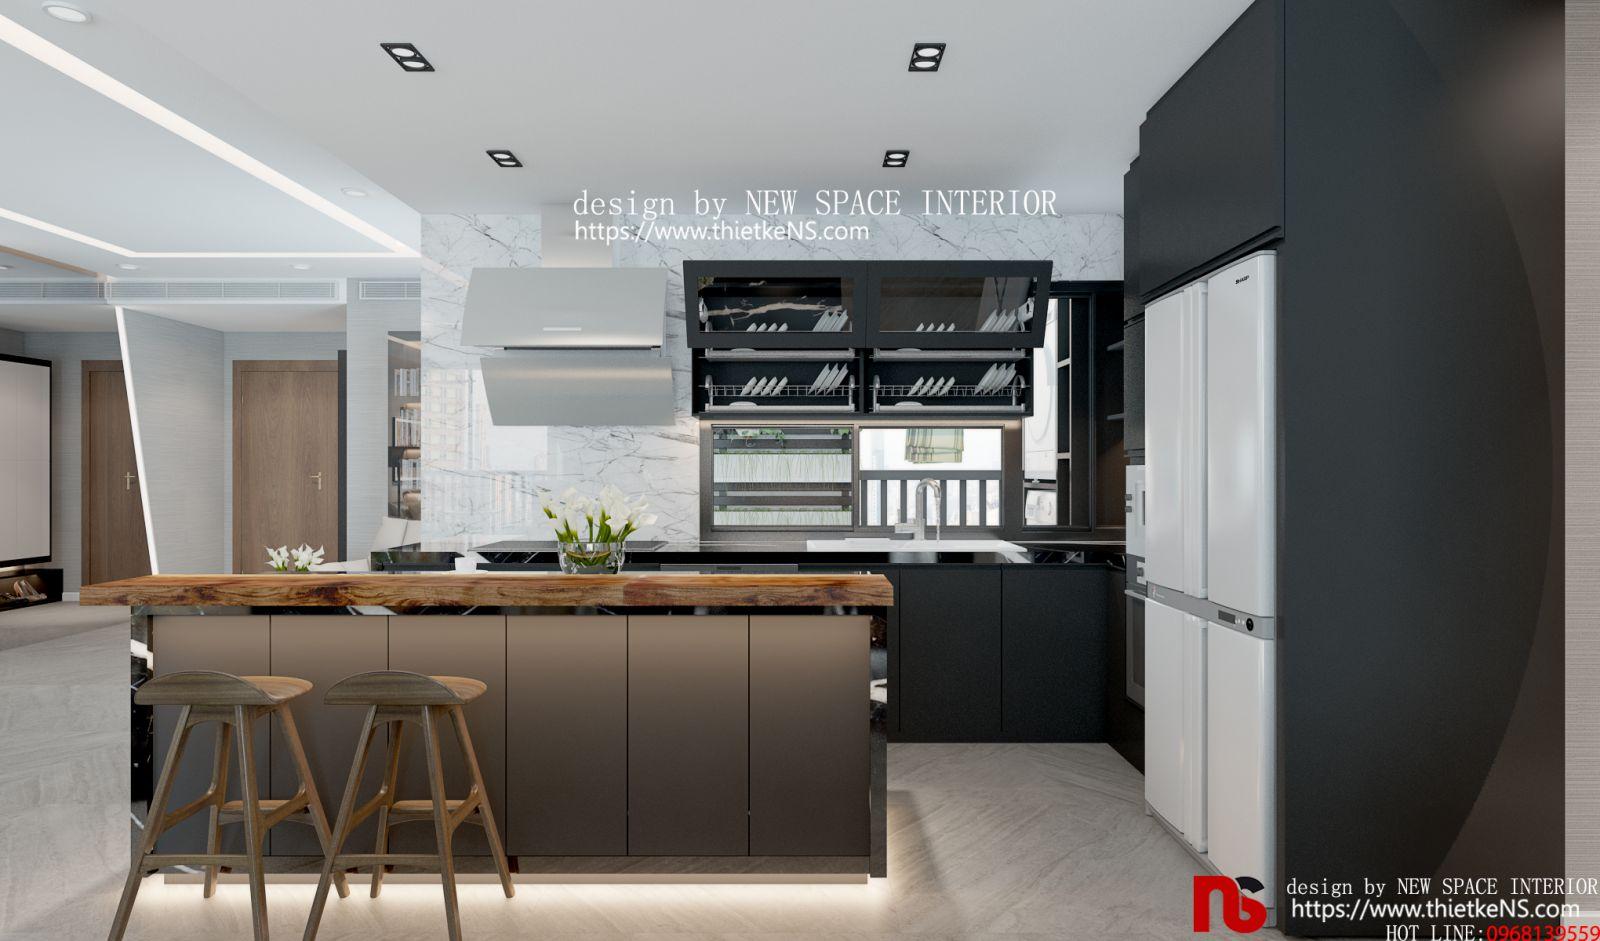 Thiết kế nội thất chung cư không gian phòng bếp